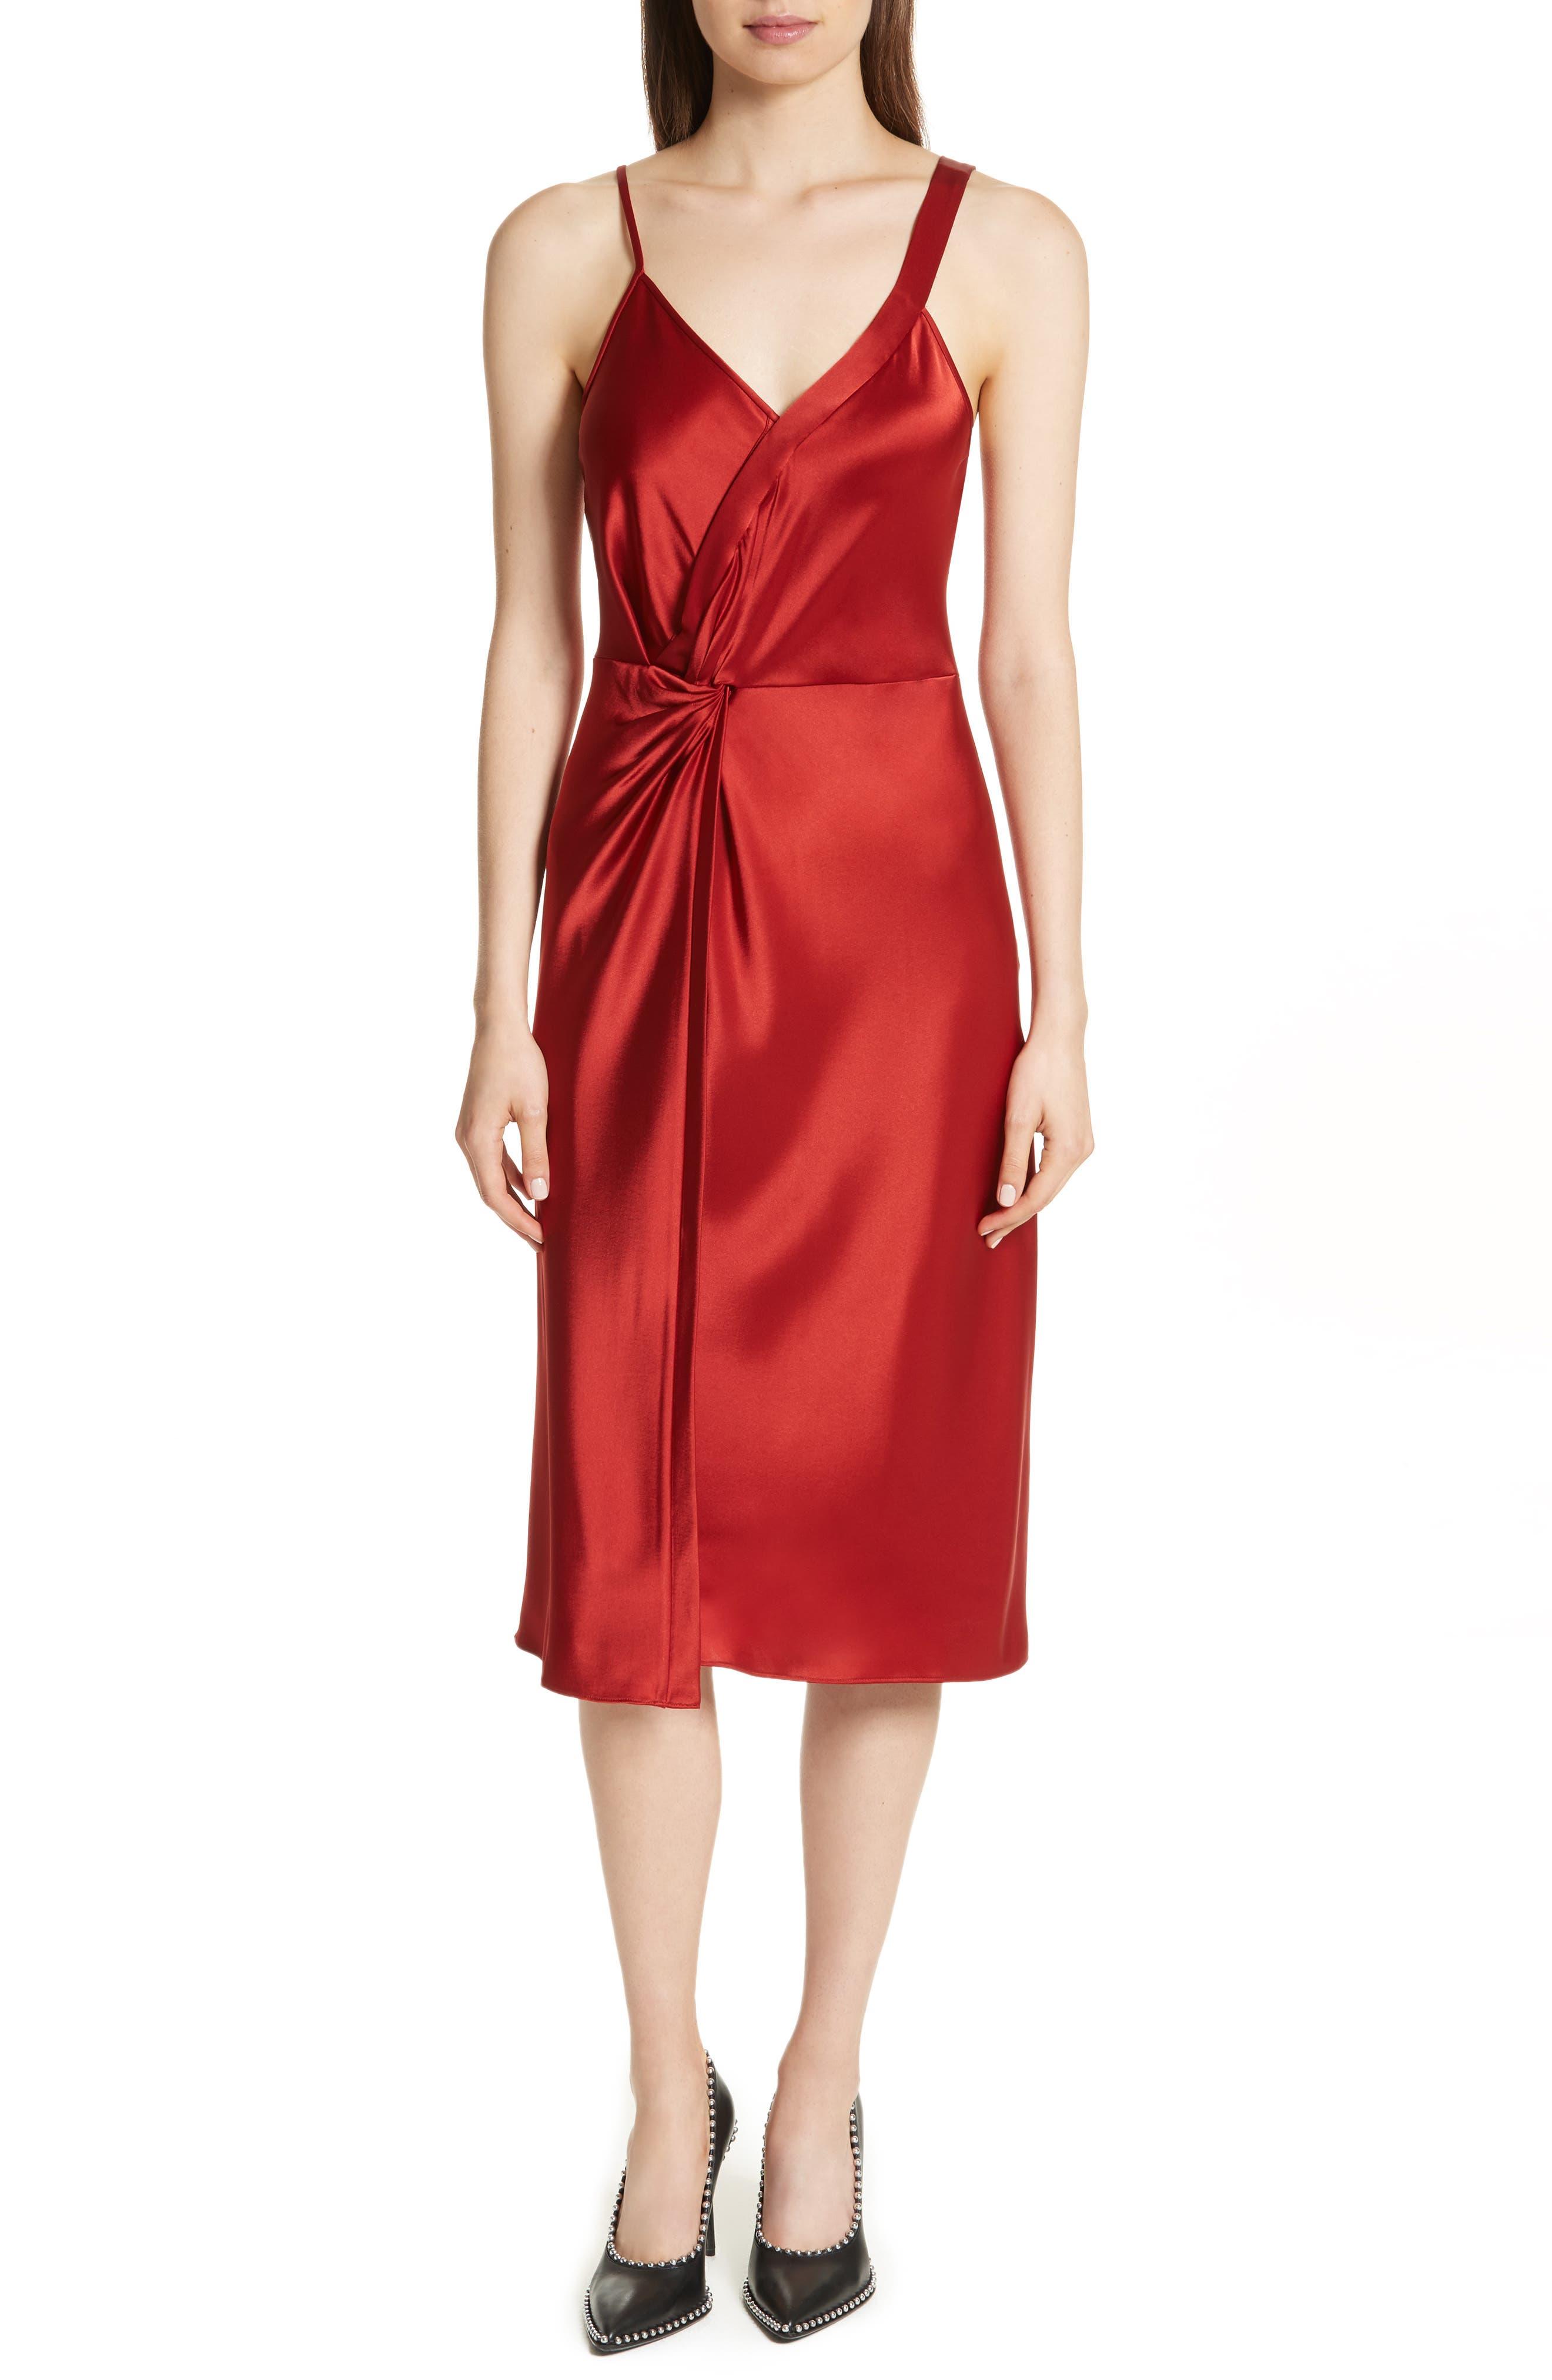 T by Alexander Wang Draped Satin Dress,                         Main,                         color, 610